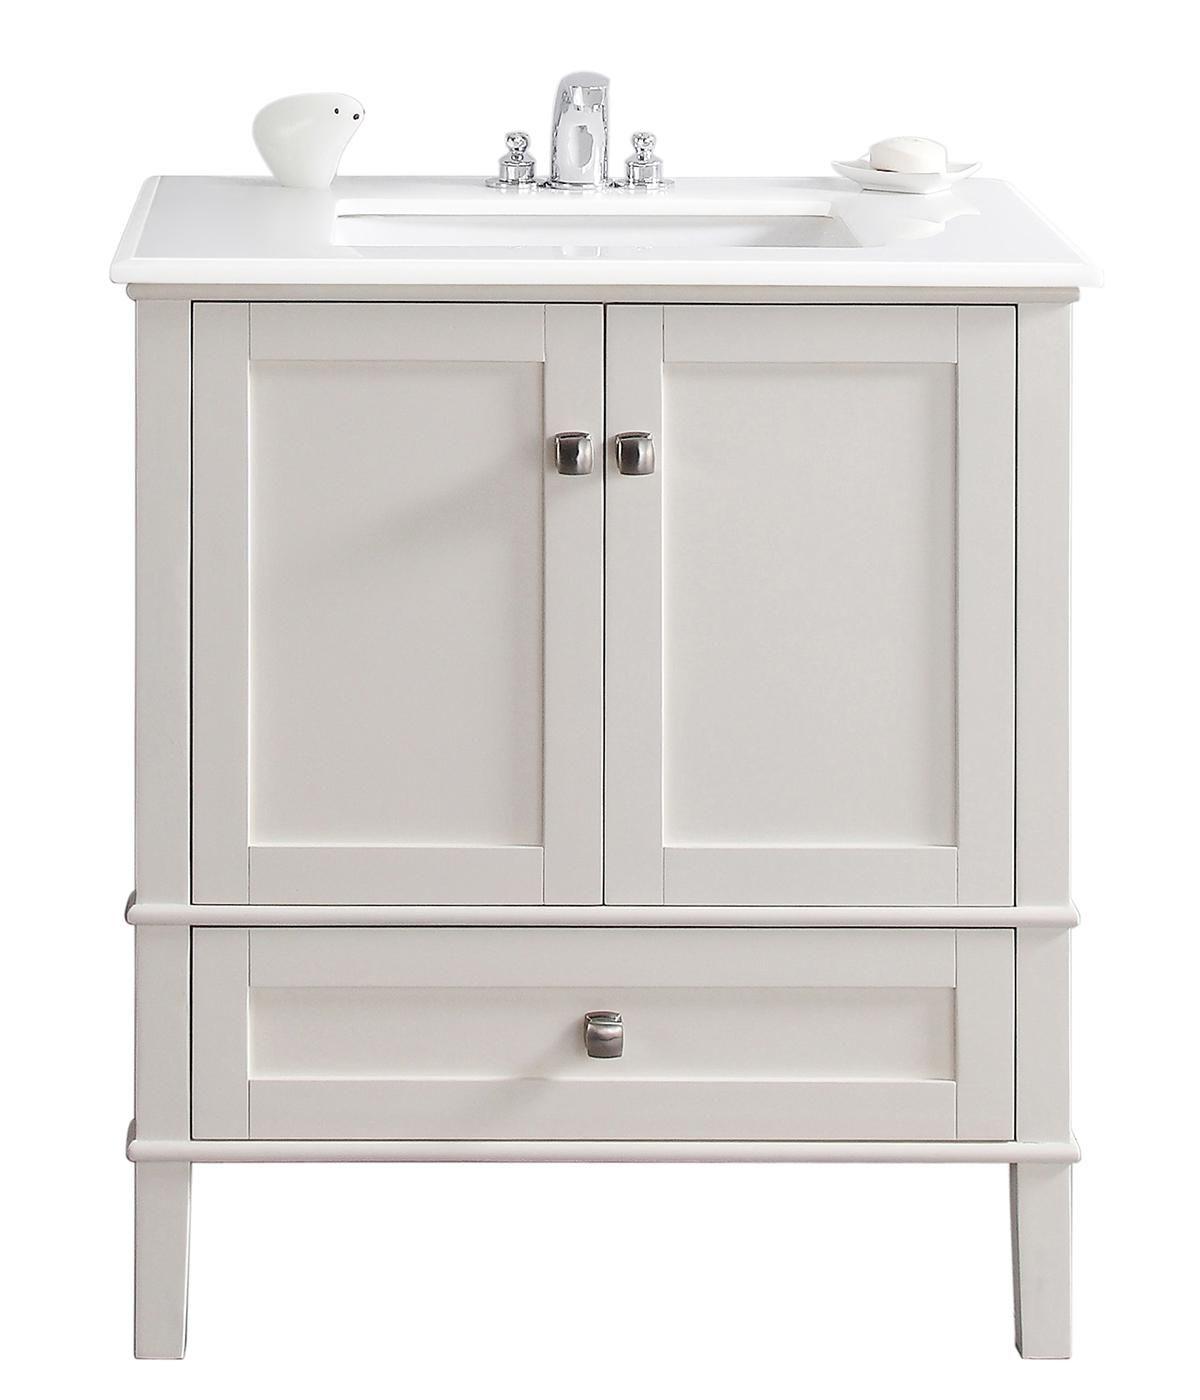 Simpli home chelsea 31 bath vanity soft white bathroom vanities amazon com